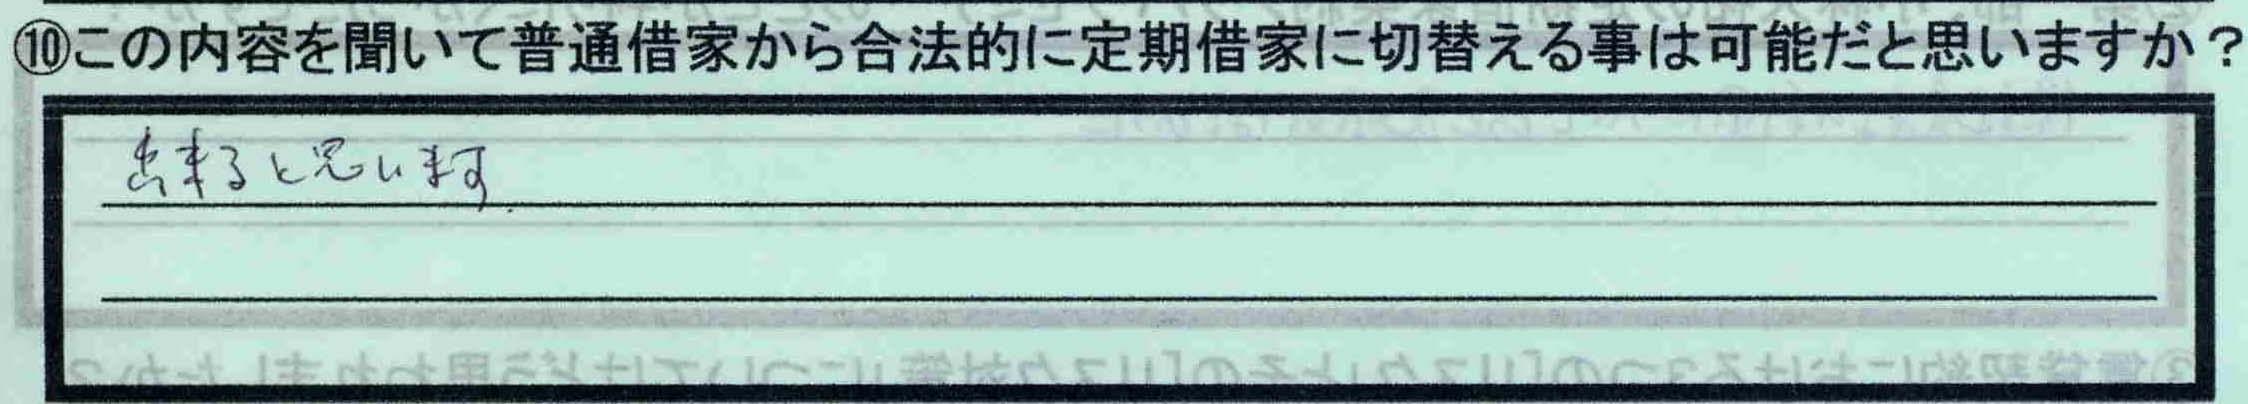 【東京都板橋区】【木村正明さん】【切替可能か?】